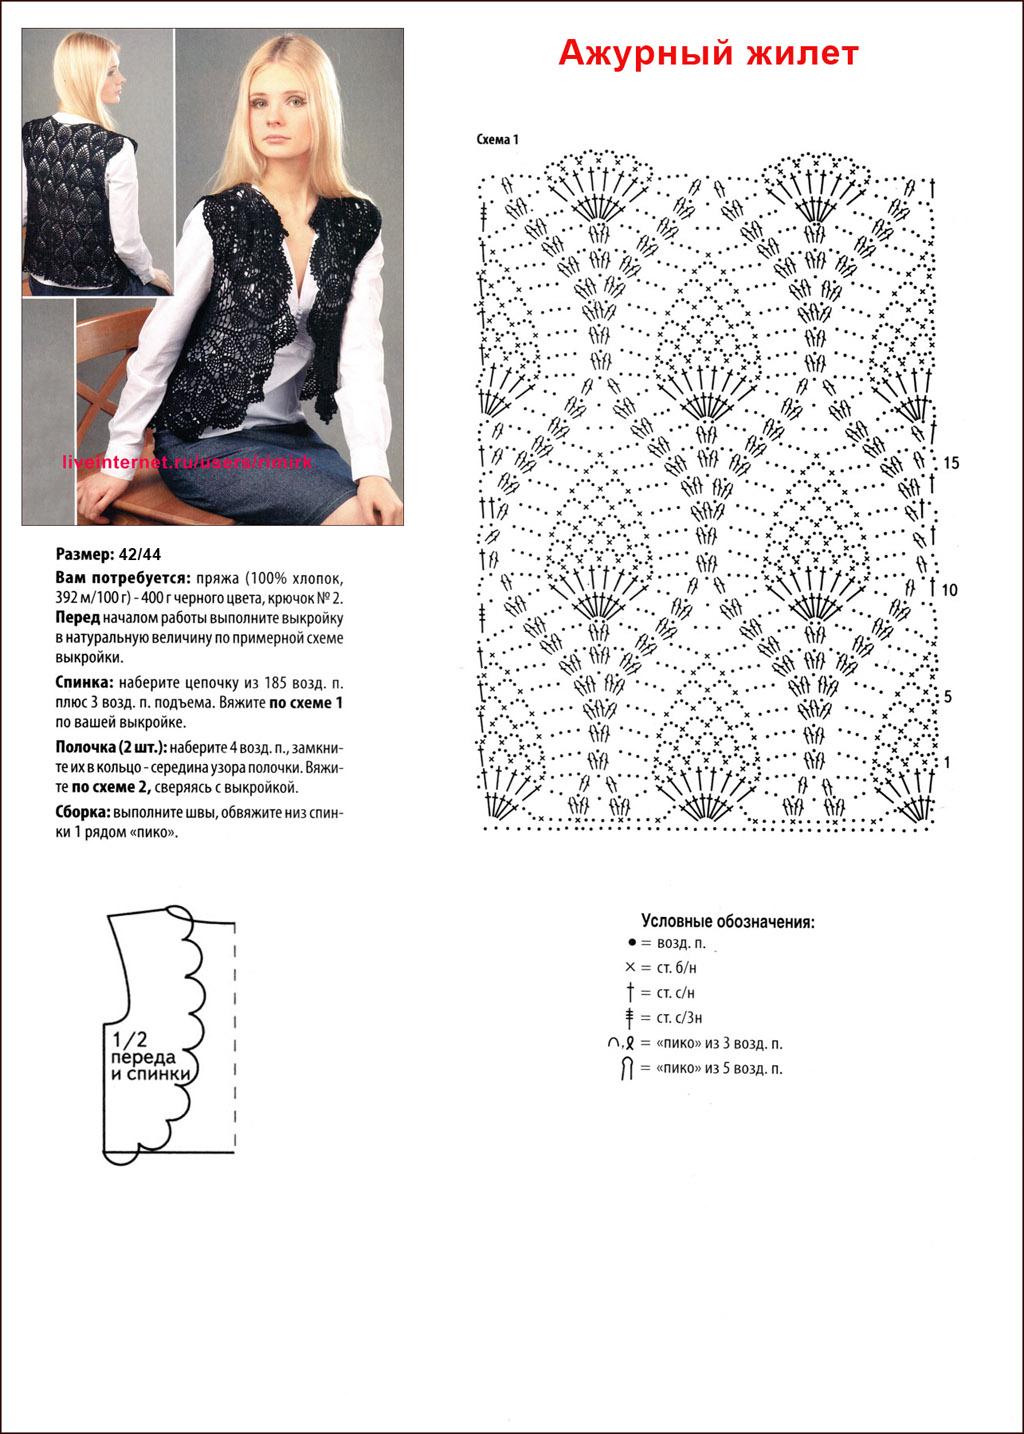 вязание крючком жилеты картинки и схемы начале